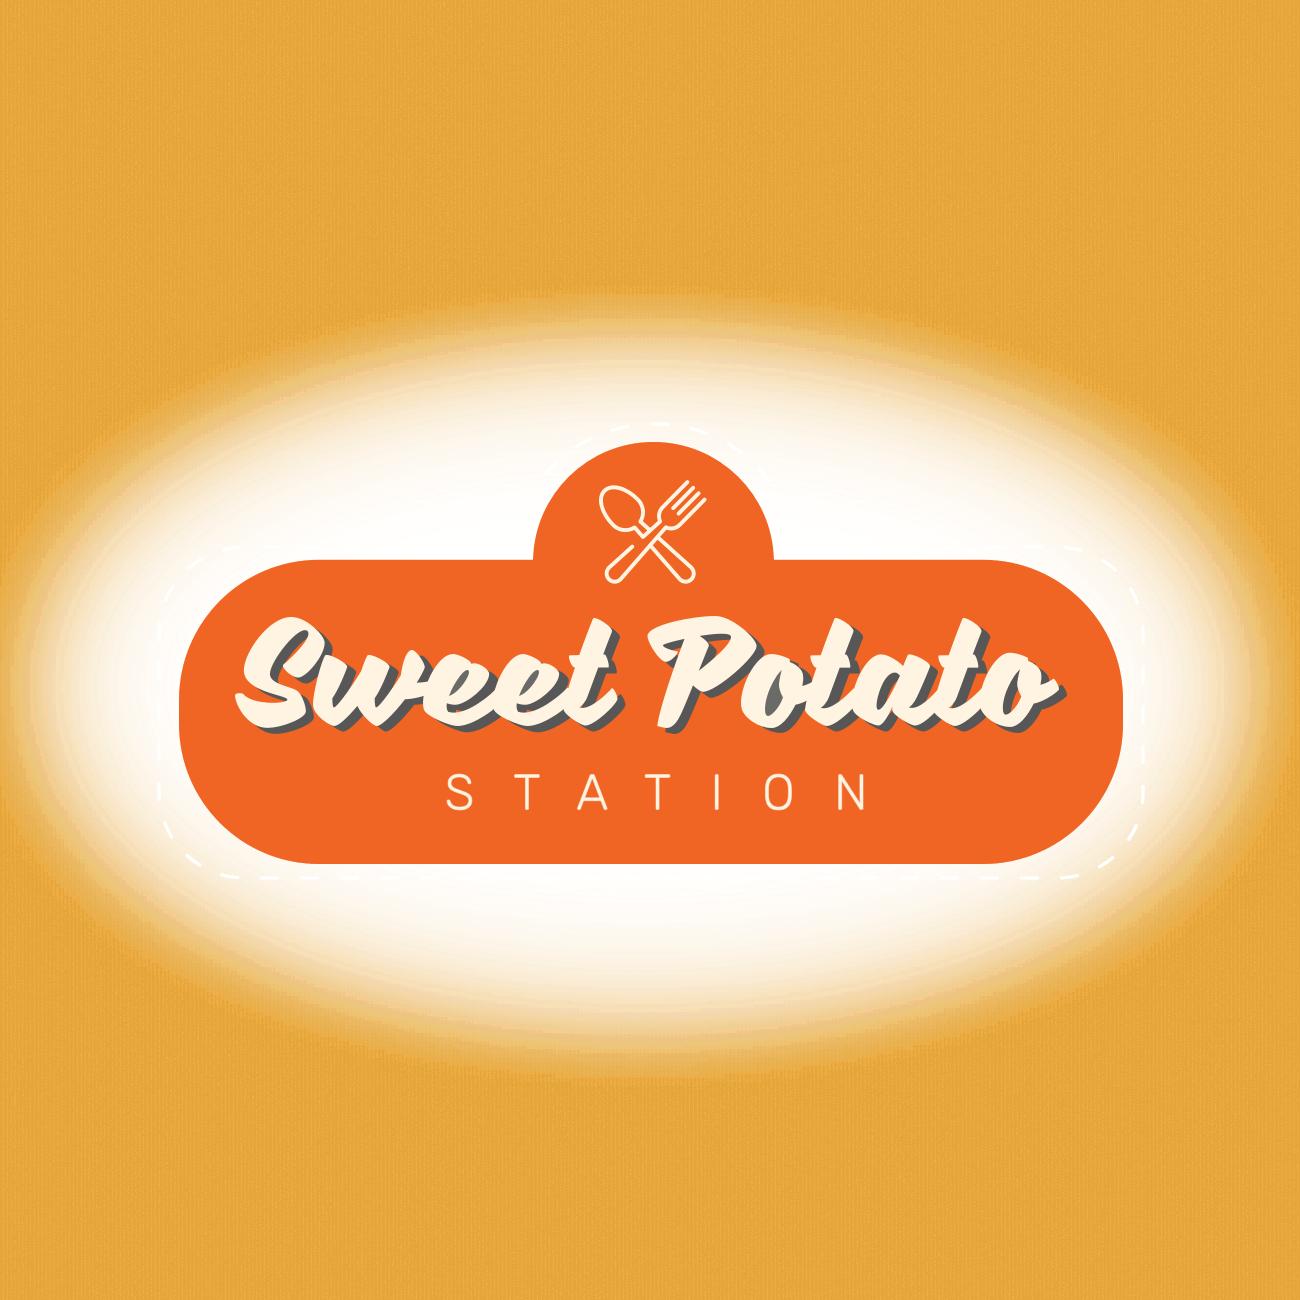 Theme: Sweet Potato Station 006